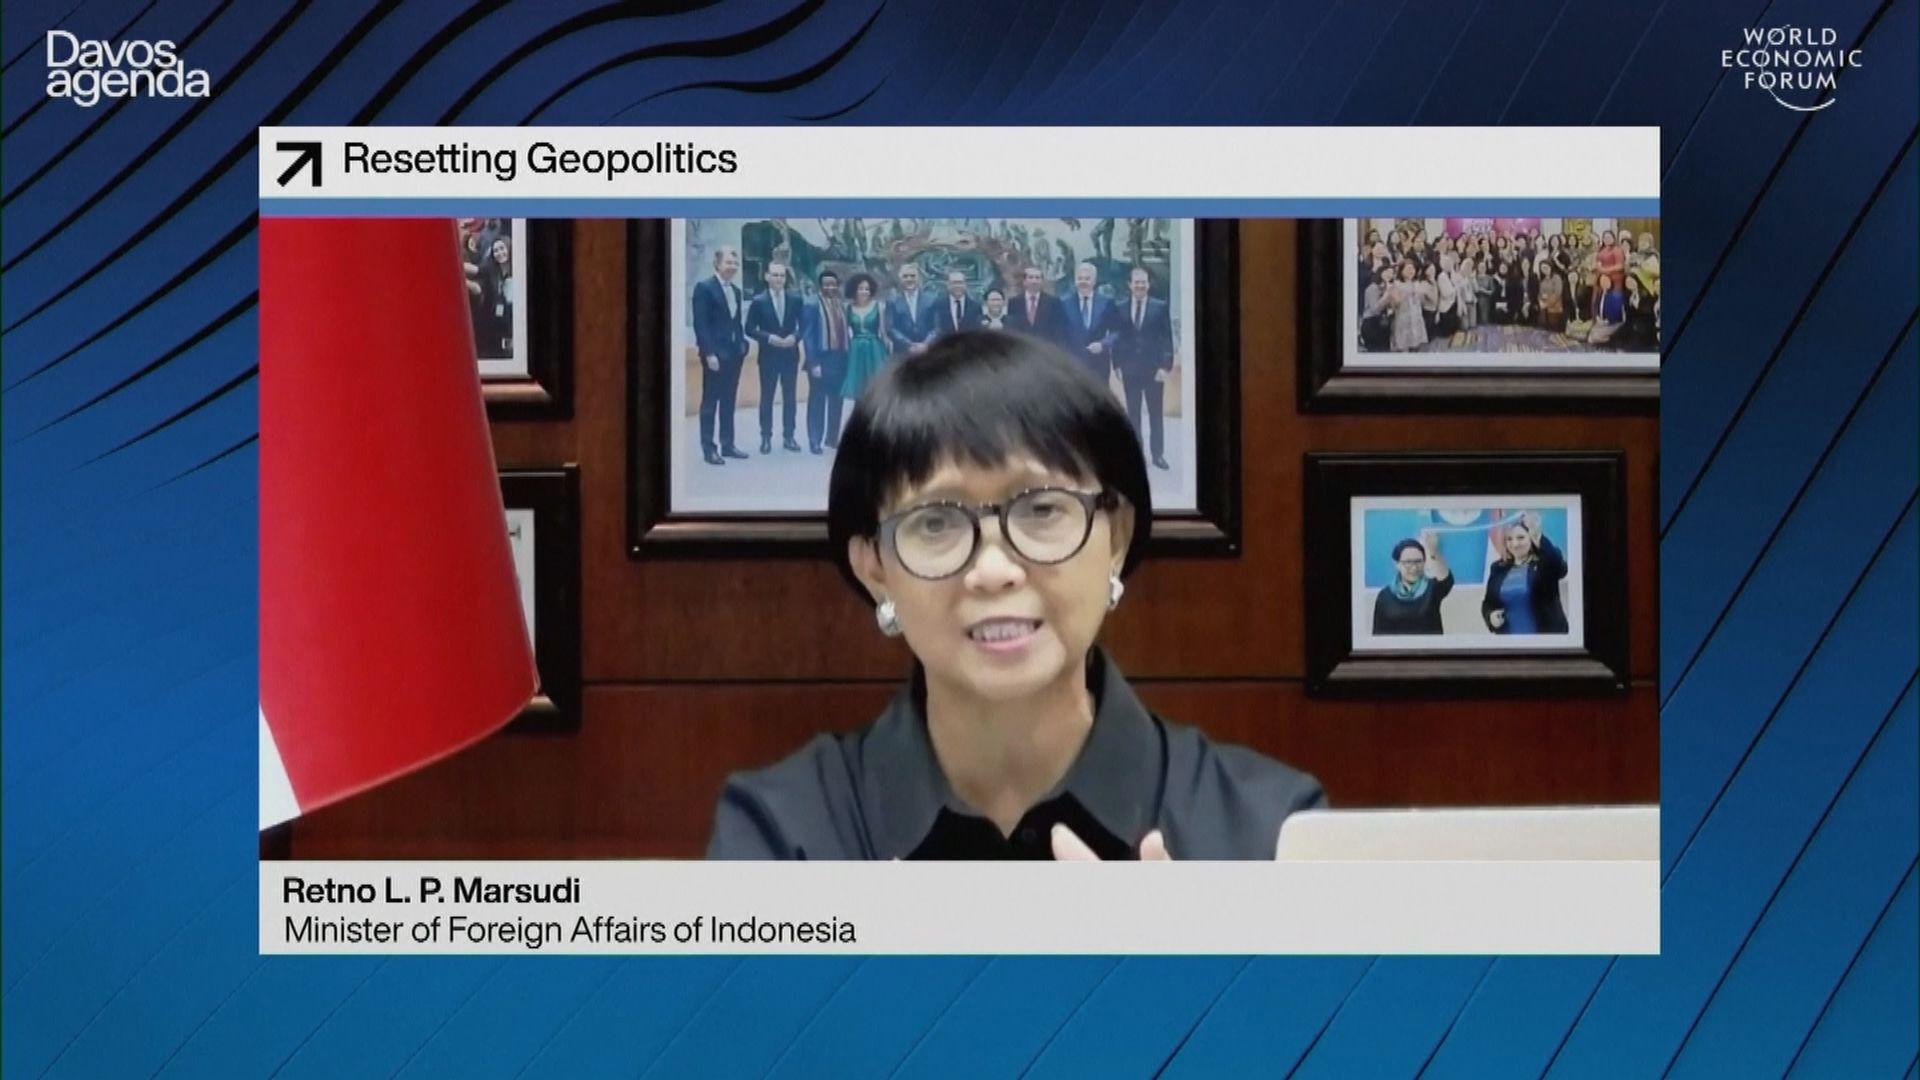 消息指印尼外長周四訪問緬甸試圖調停事件